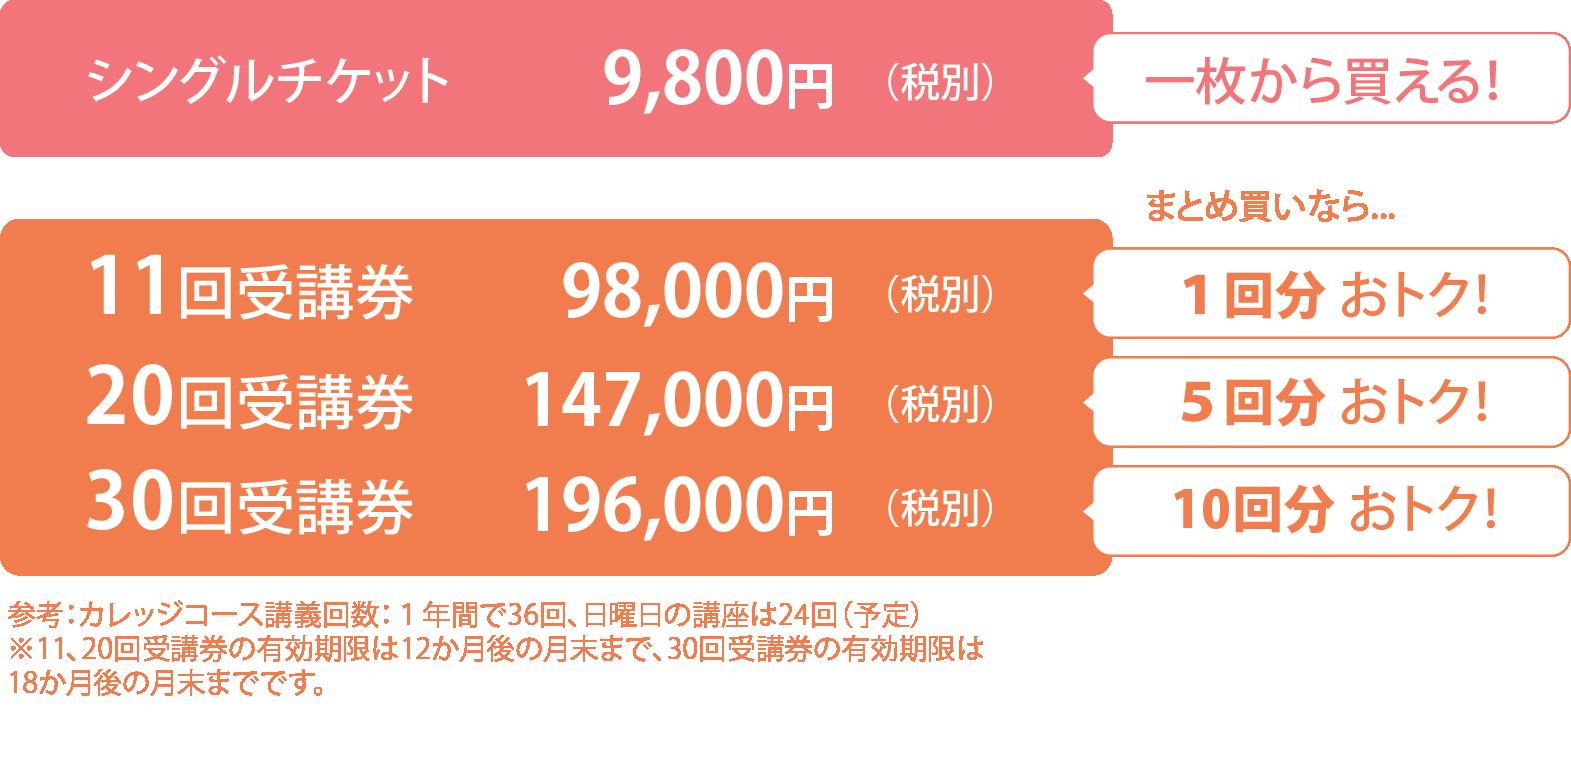 シングルチケットと回数券の比較.png